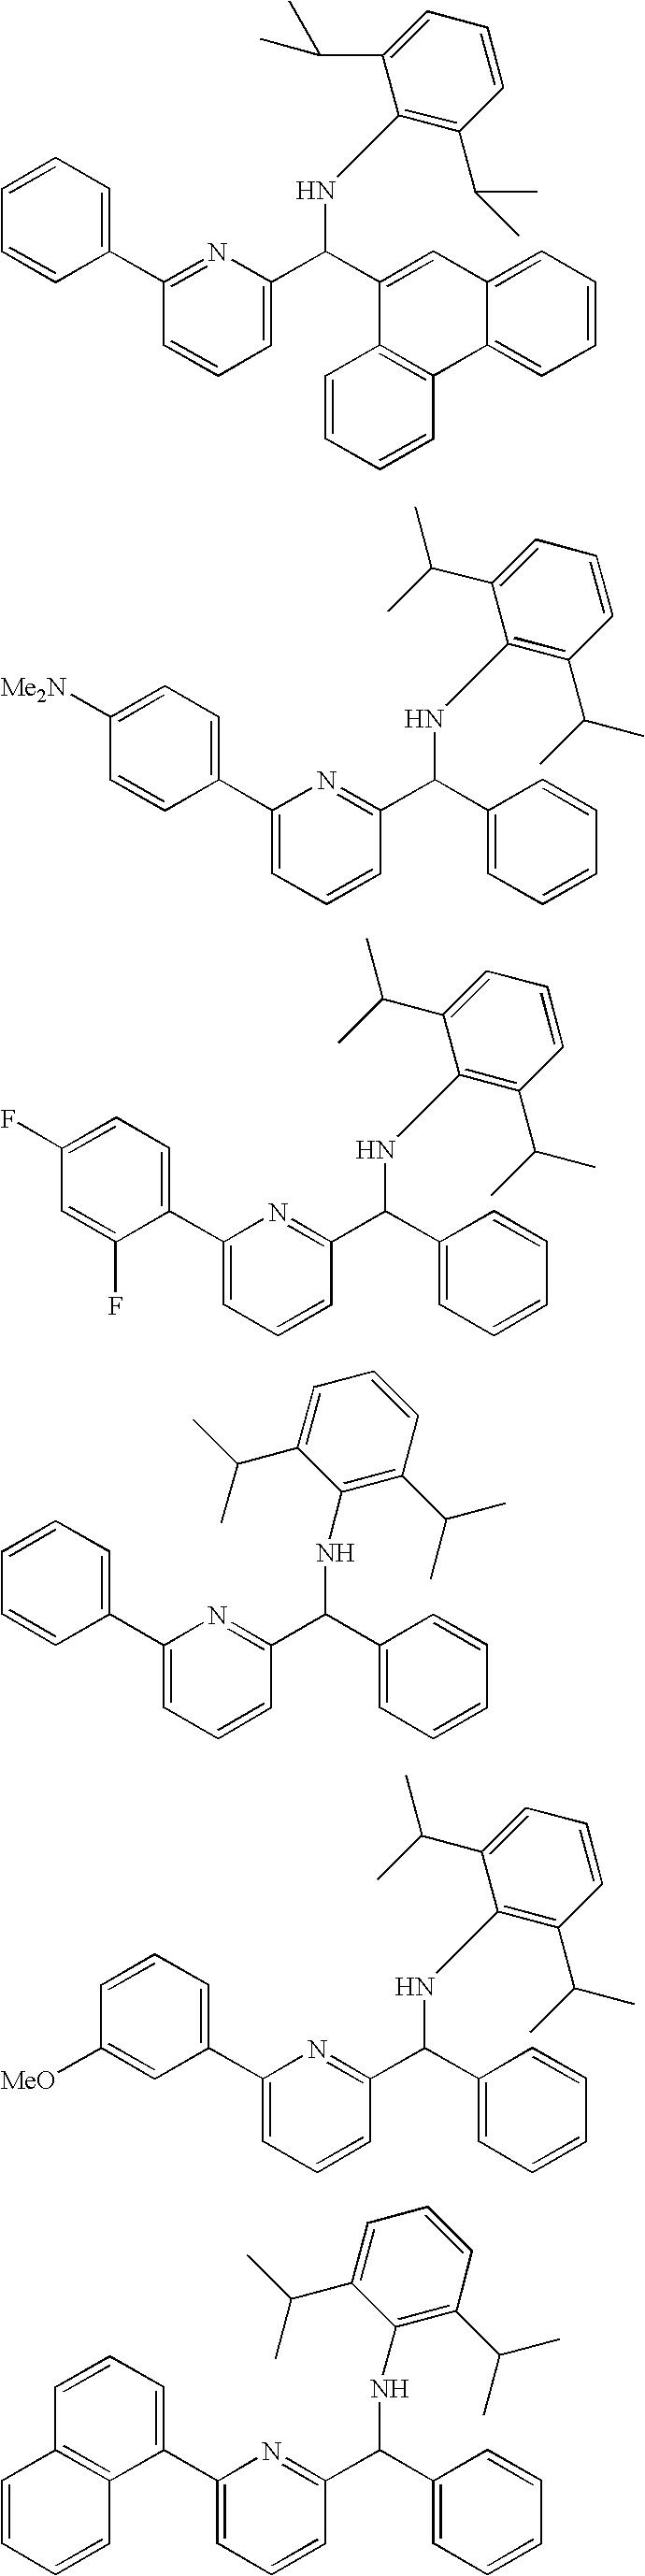 Figure US06900321-20050531-C00014